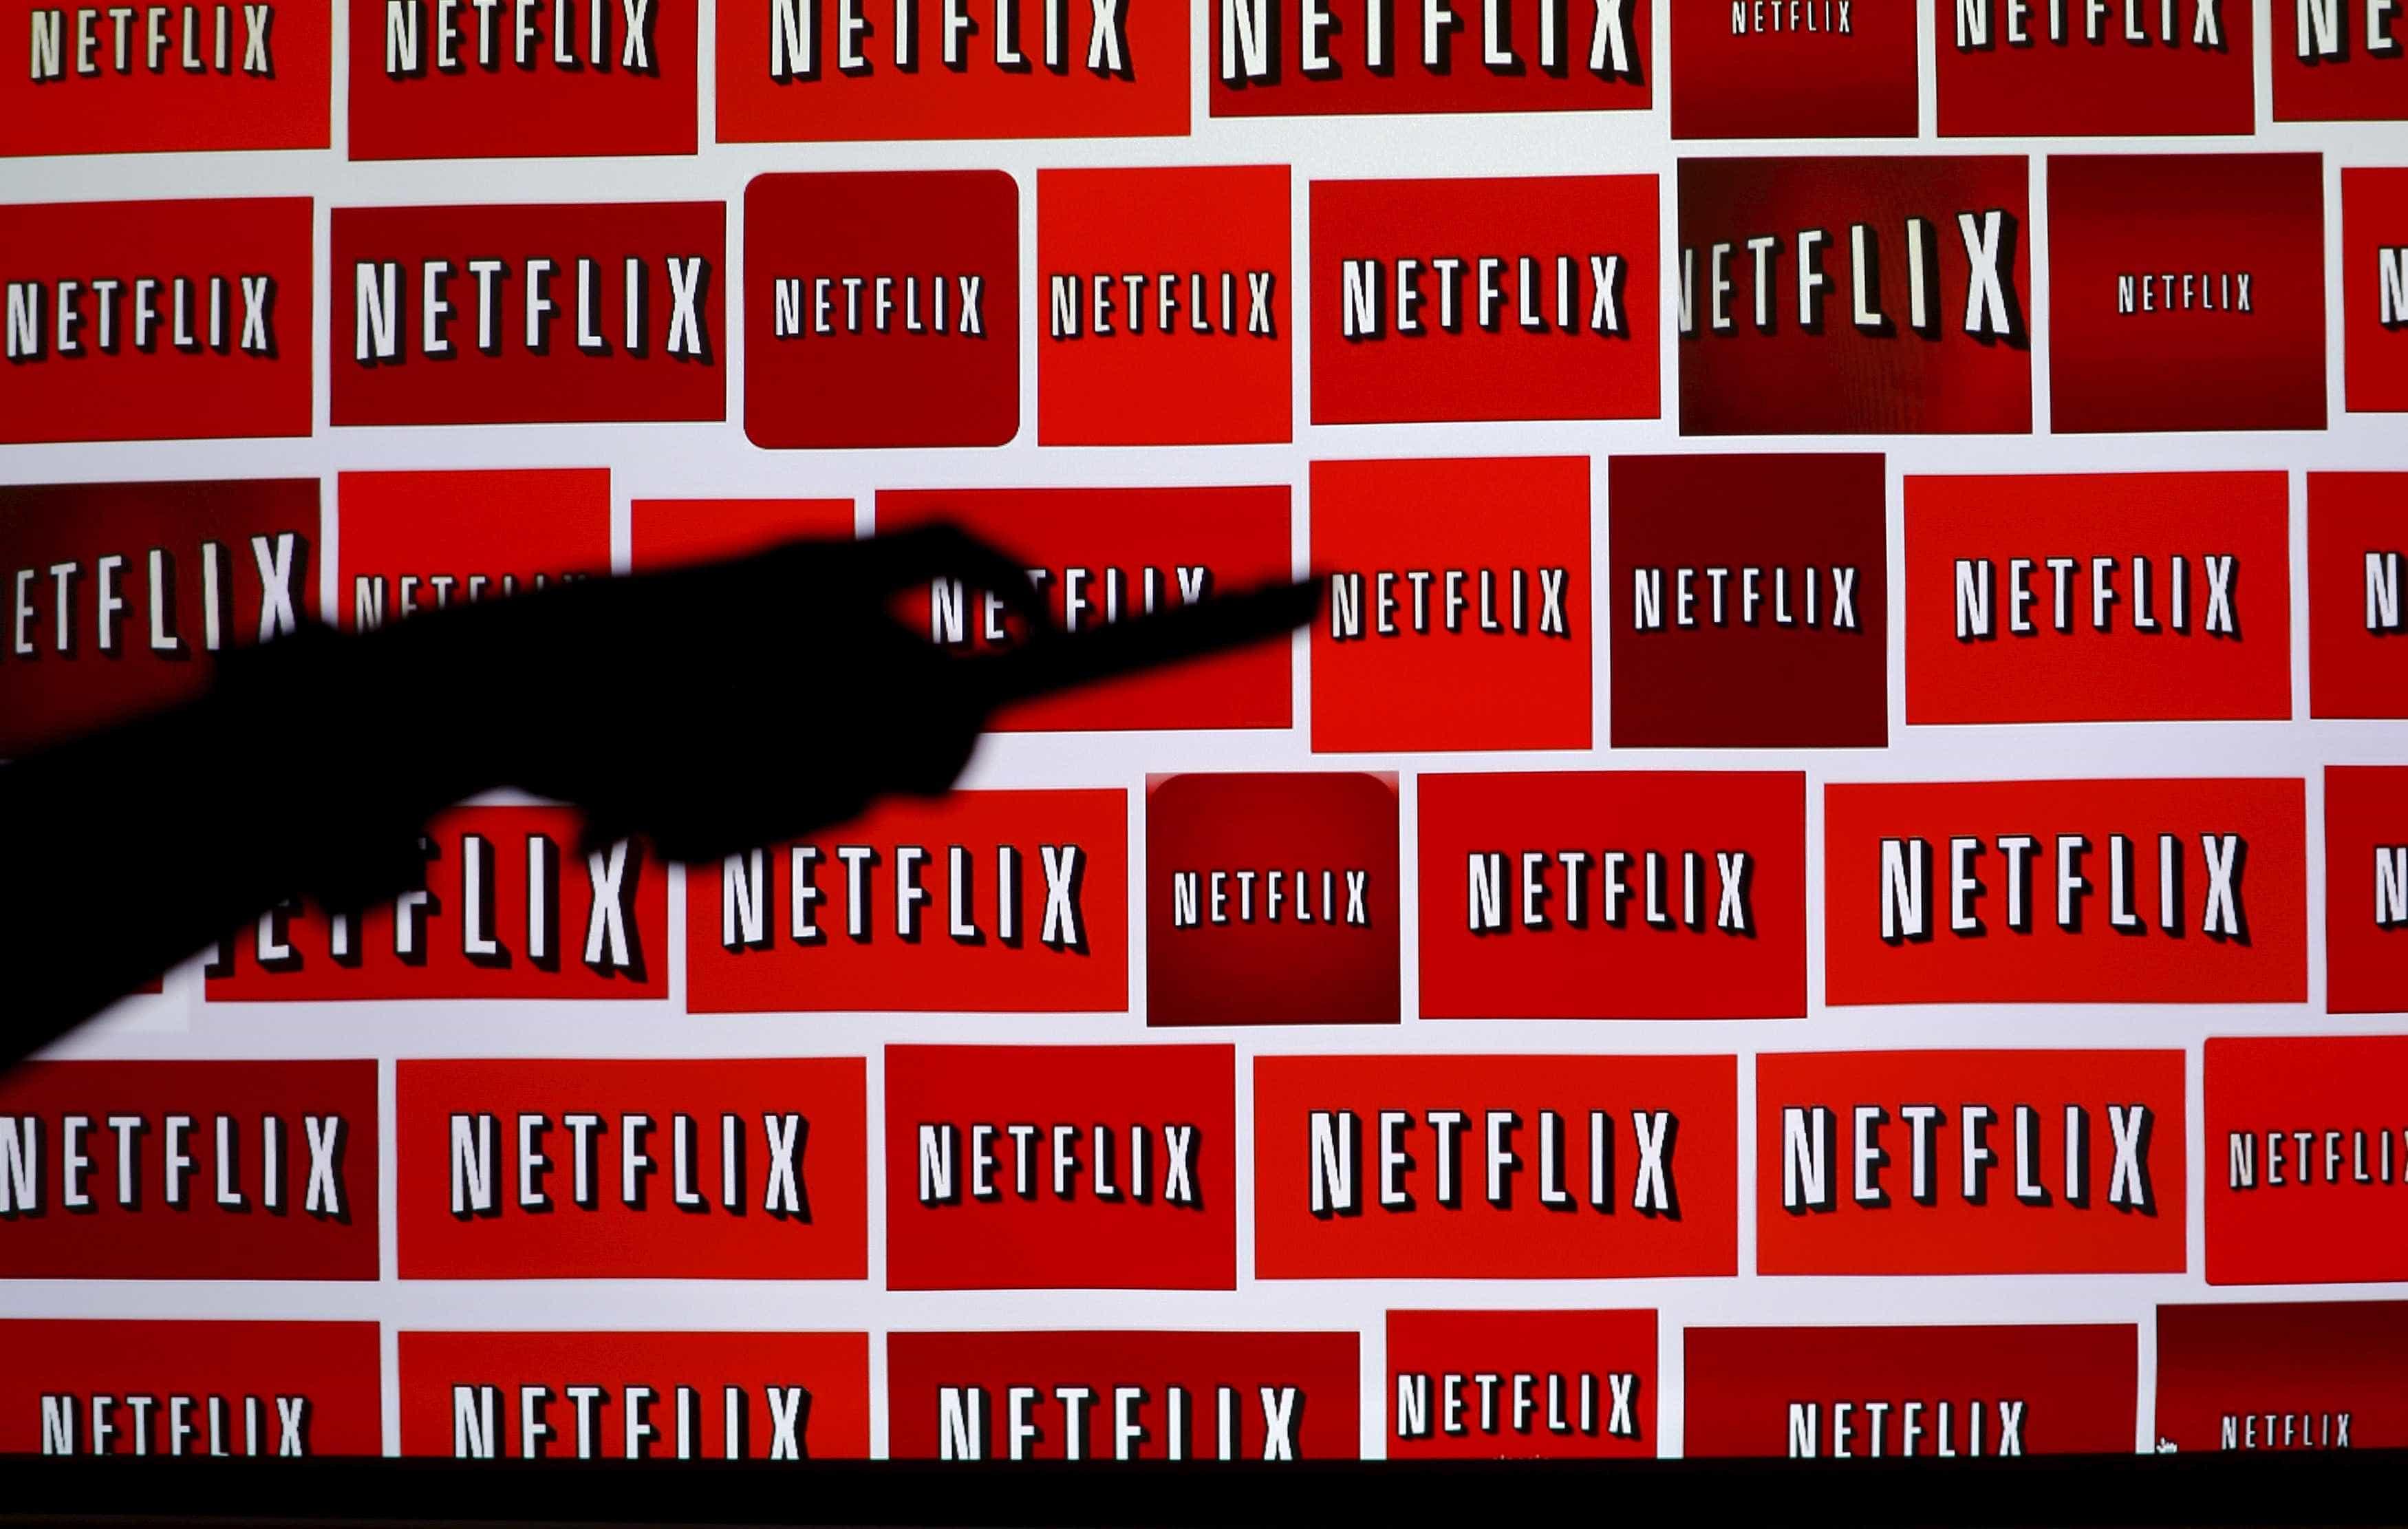 Será mais fácil escolher uma série para ver na Netflix